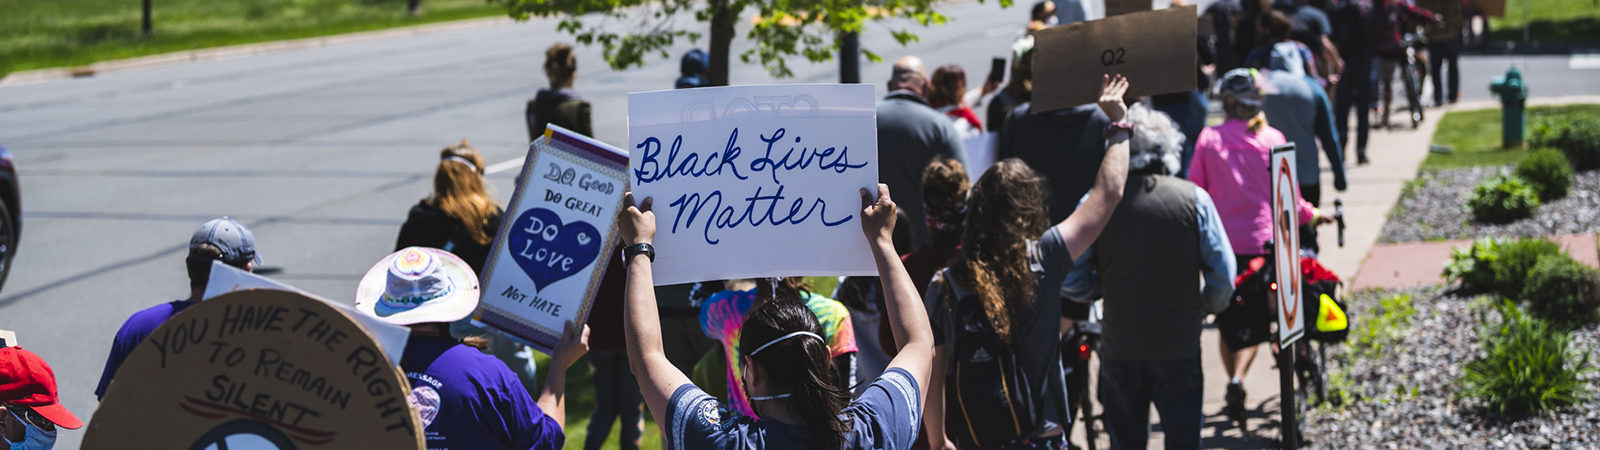 ASHLAND, WI #blacklivesmatter Protest